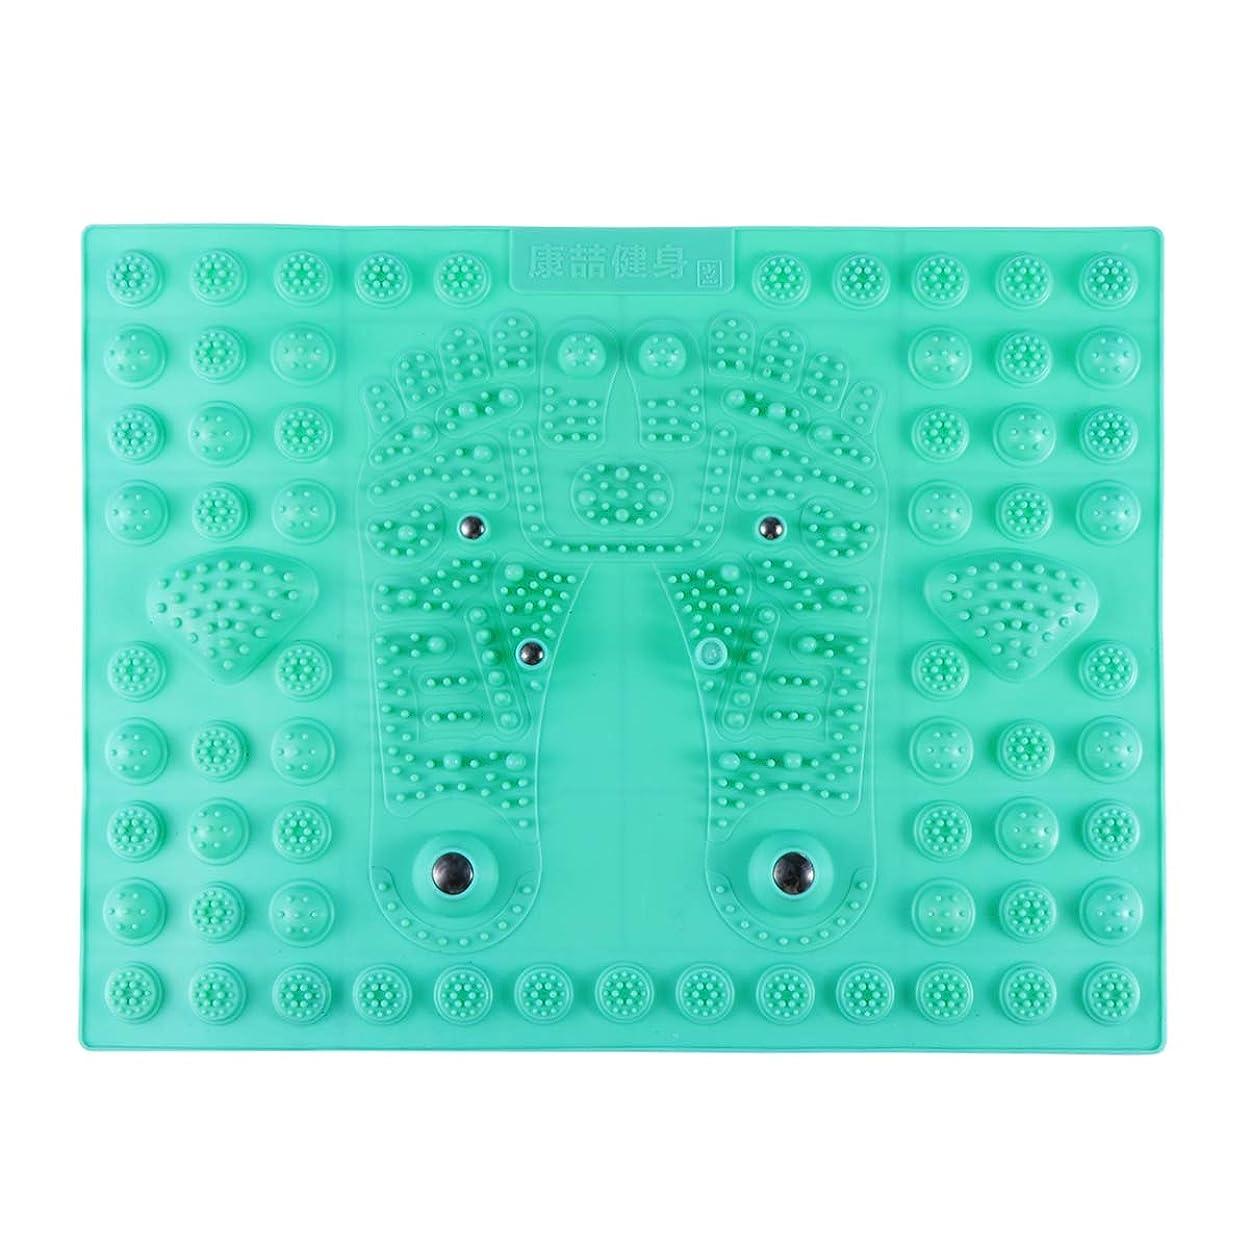 屈辱するたぶんマッシュHealifty リフレックスマッサージマット フットマッサージャー 磁気療法 プラスチック つま先プレッシャー プレートマッサージパッド 指圧リラクゼーションマット(グリーン)